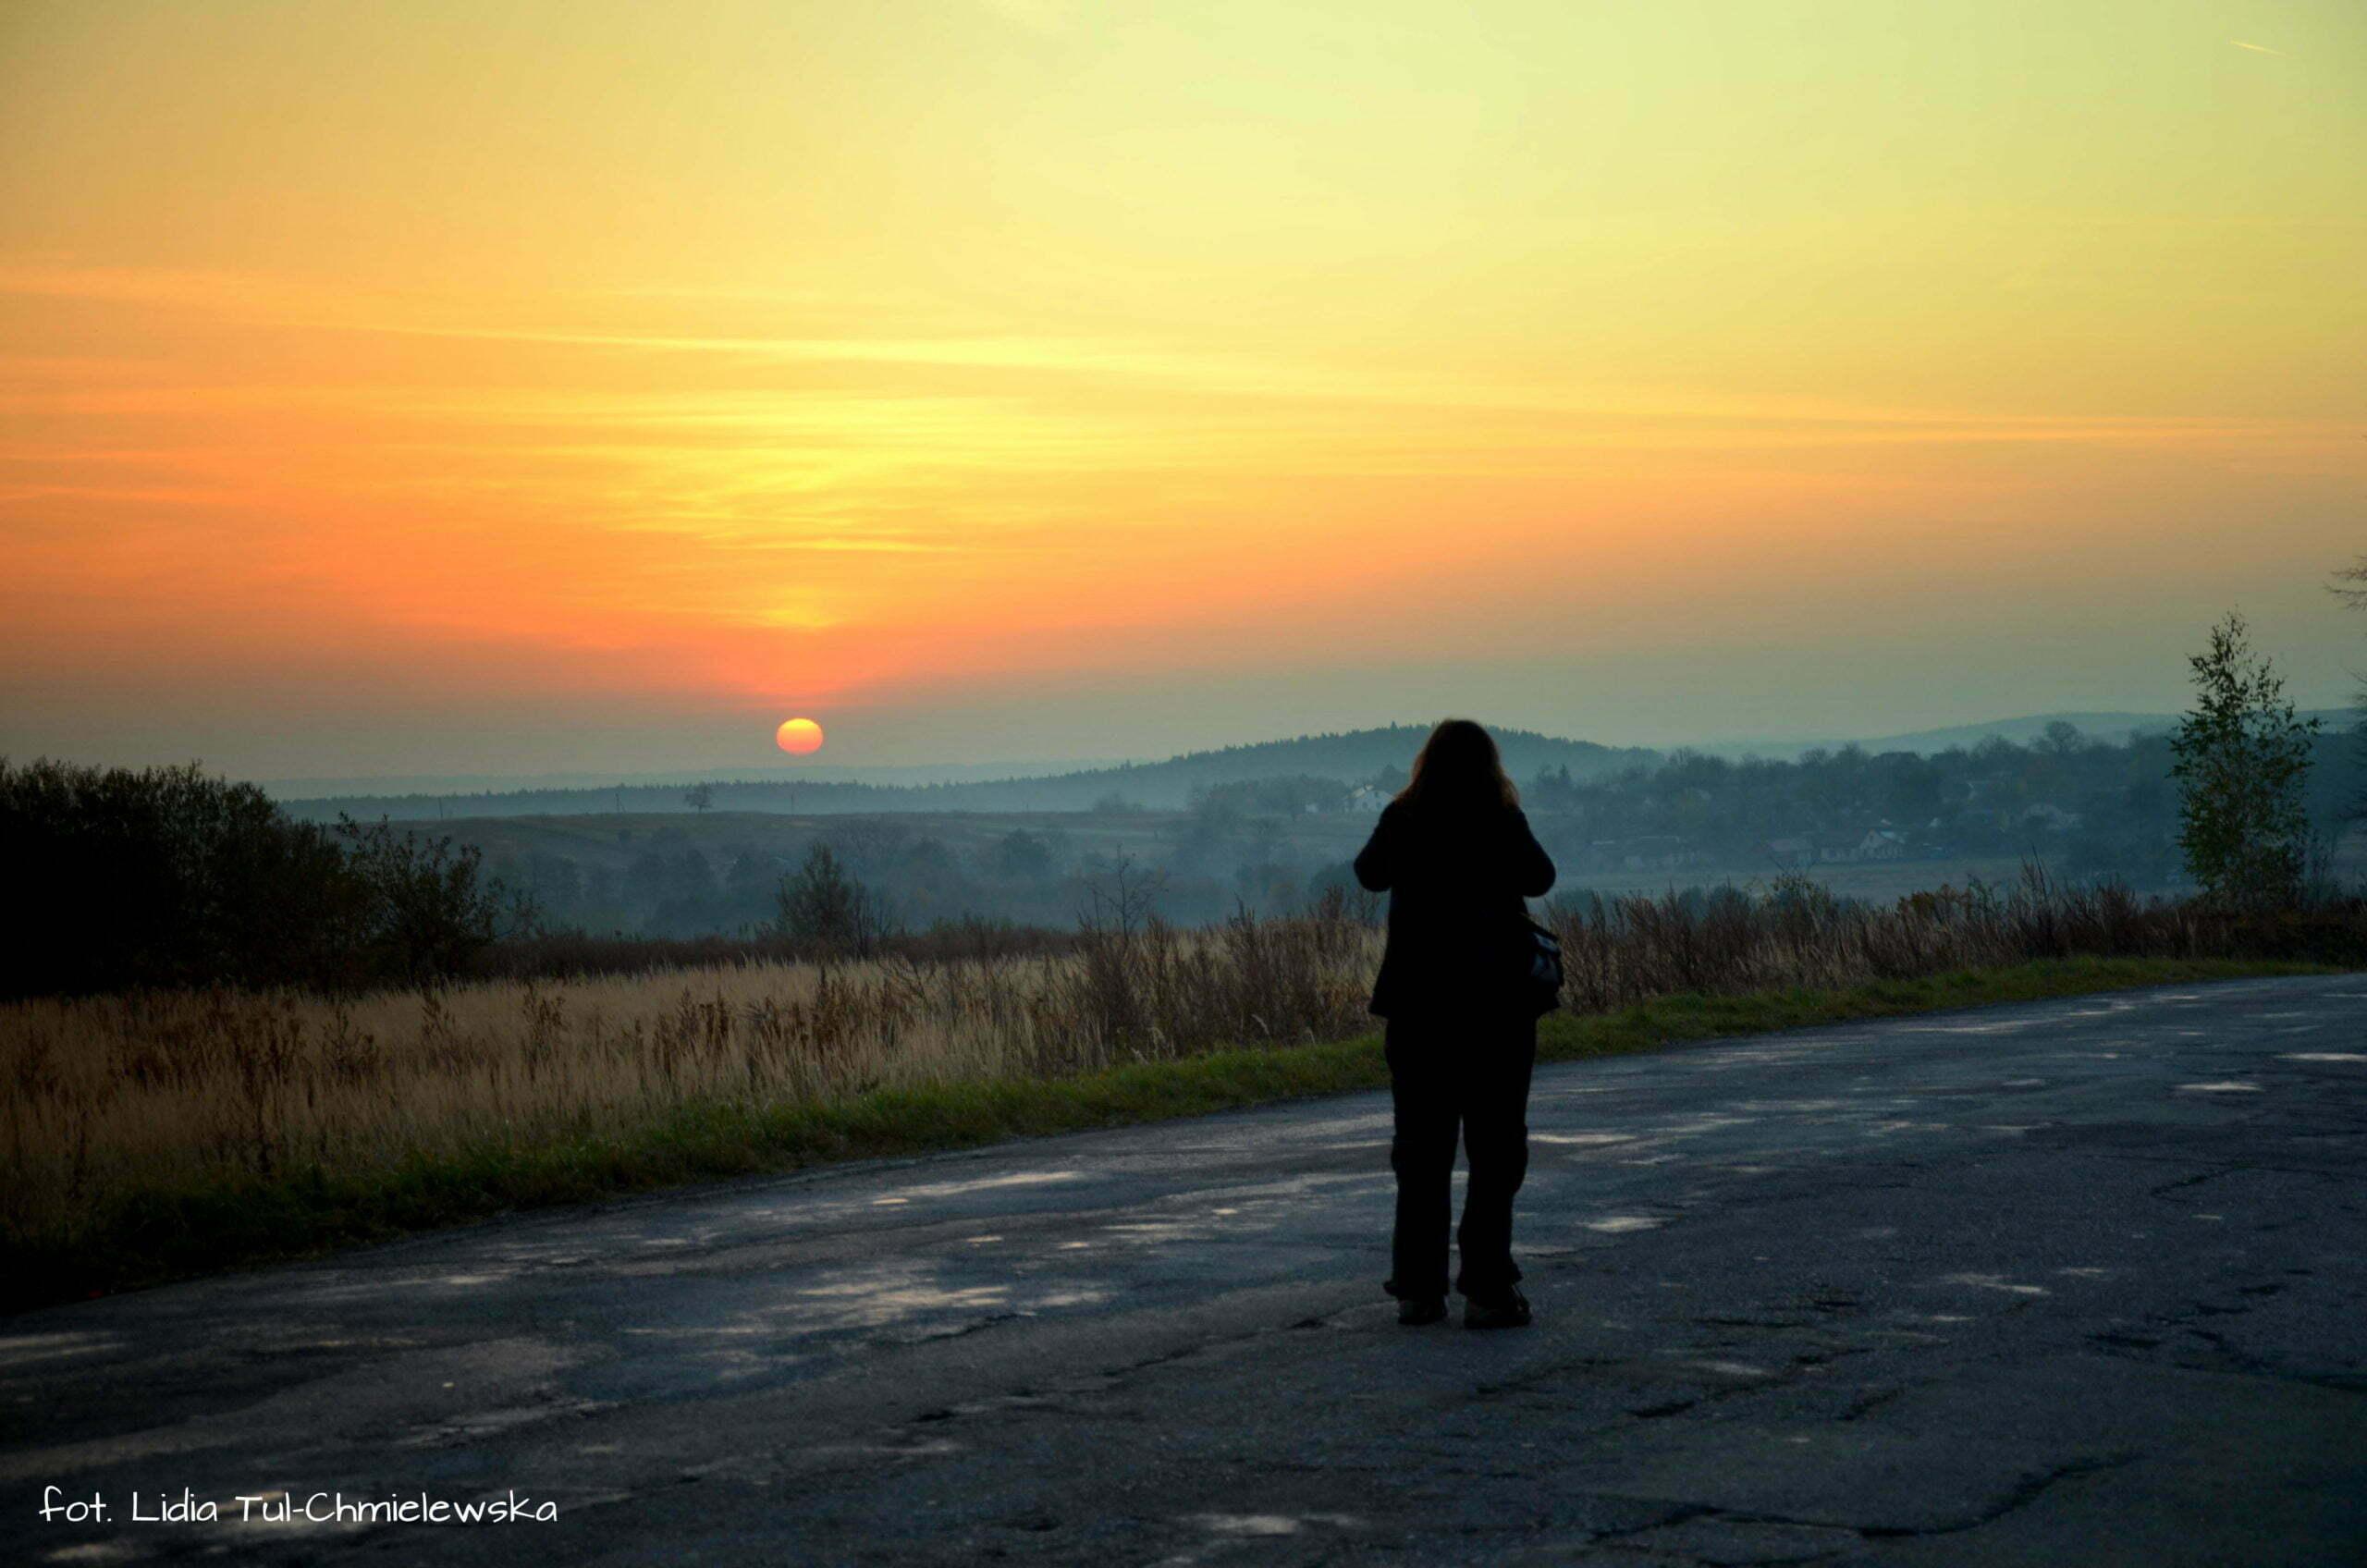 Ukraina wita wschodem słońca fot. Lidia Tul-Chmielewska